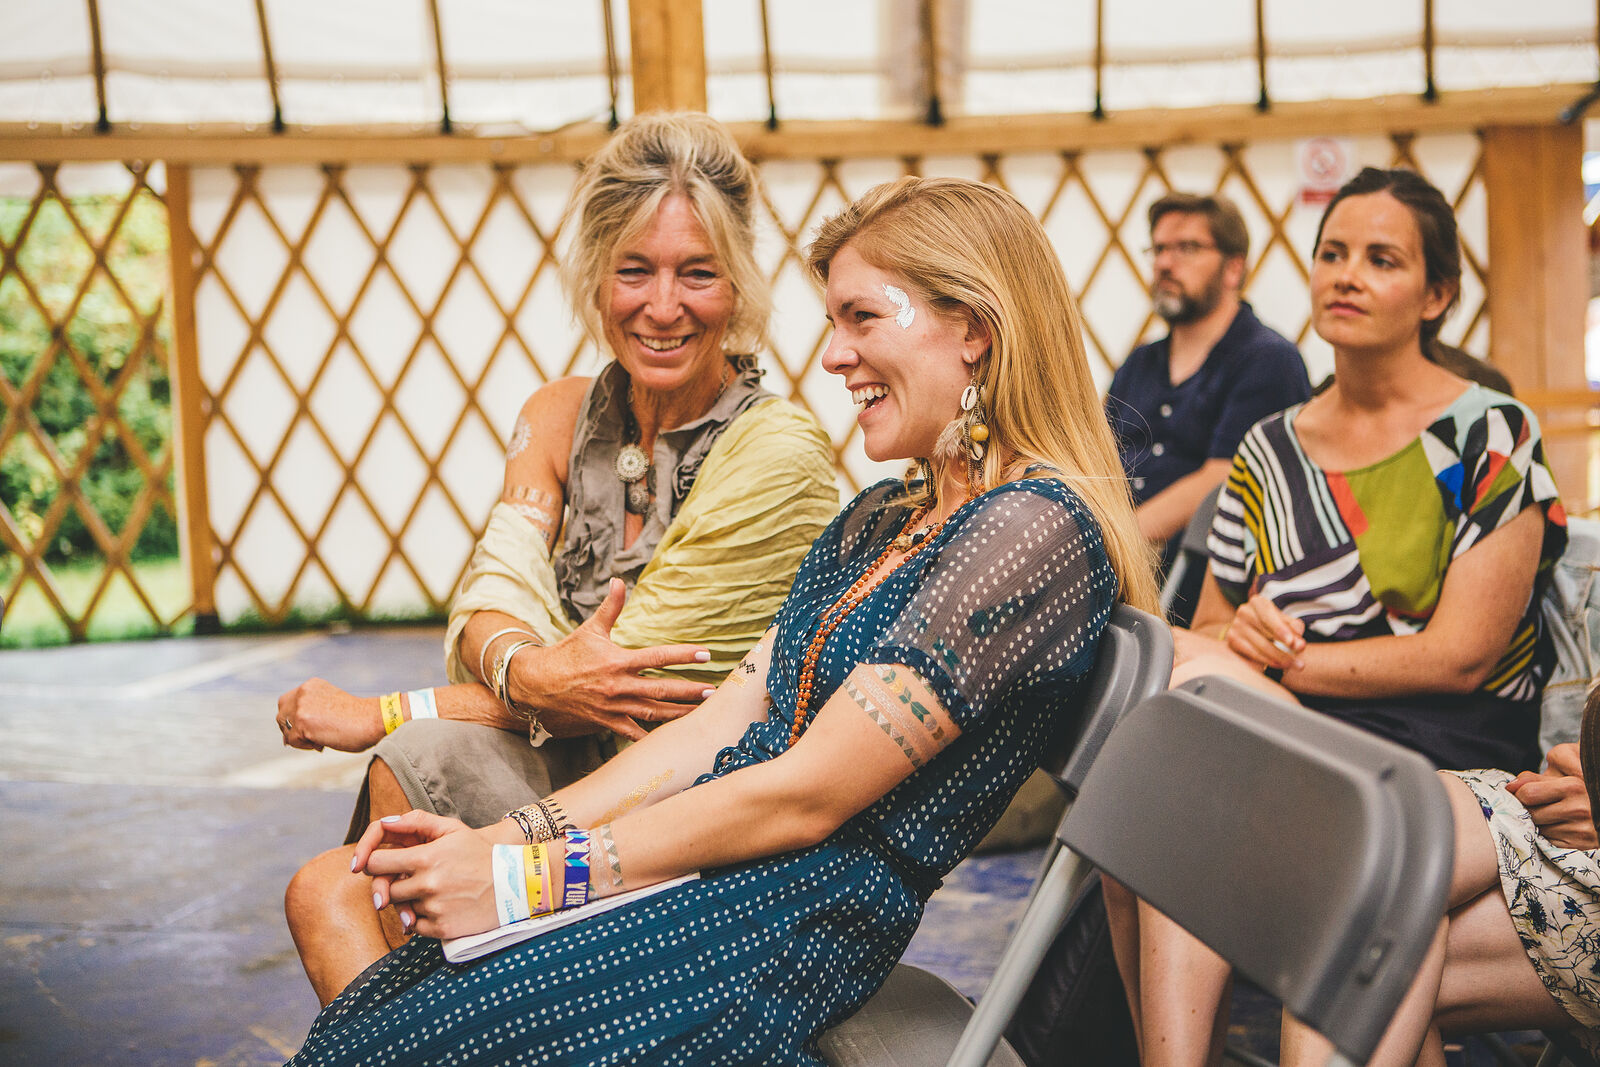 Port Eliot Festival 2019